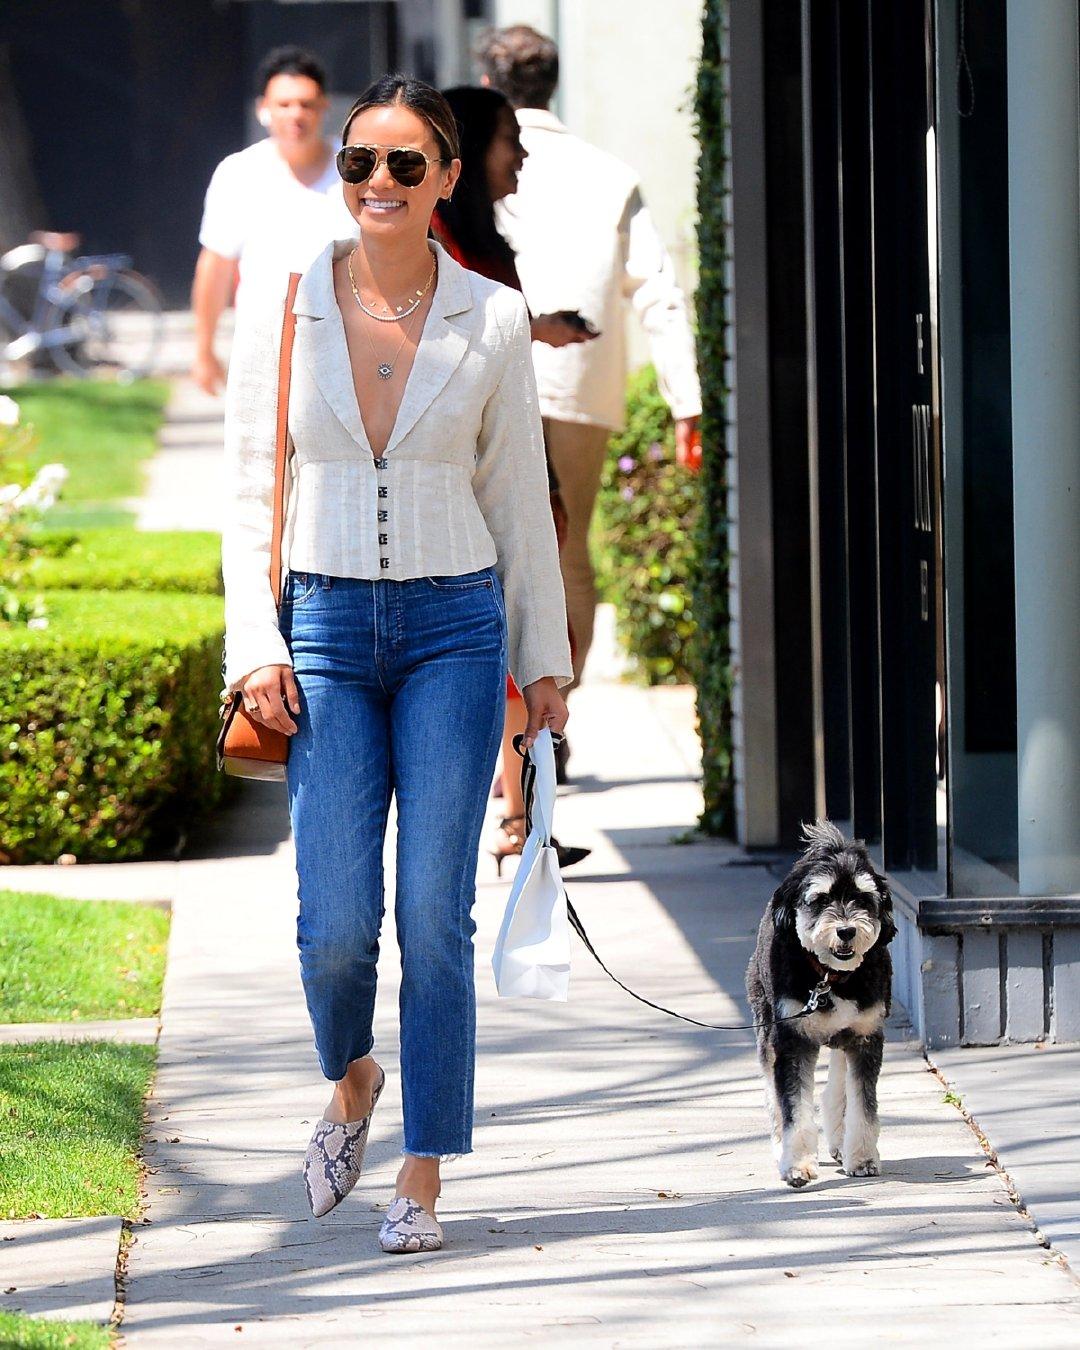 原创             海莉 ·比伯、索菲·特纳…盘点那些遛狗也fashion的欧美明星